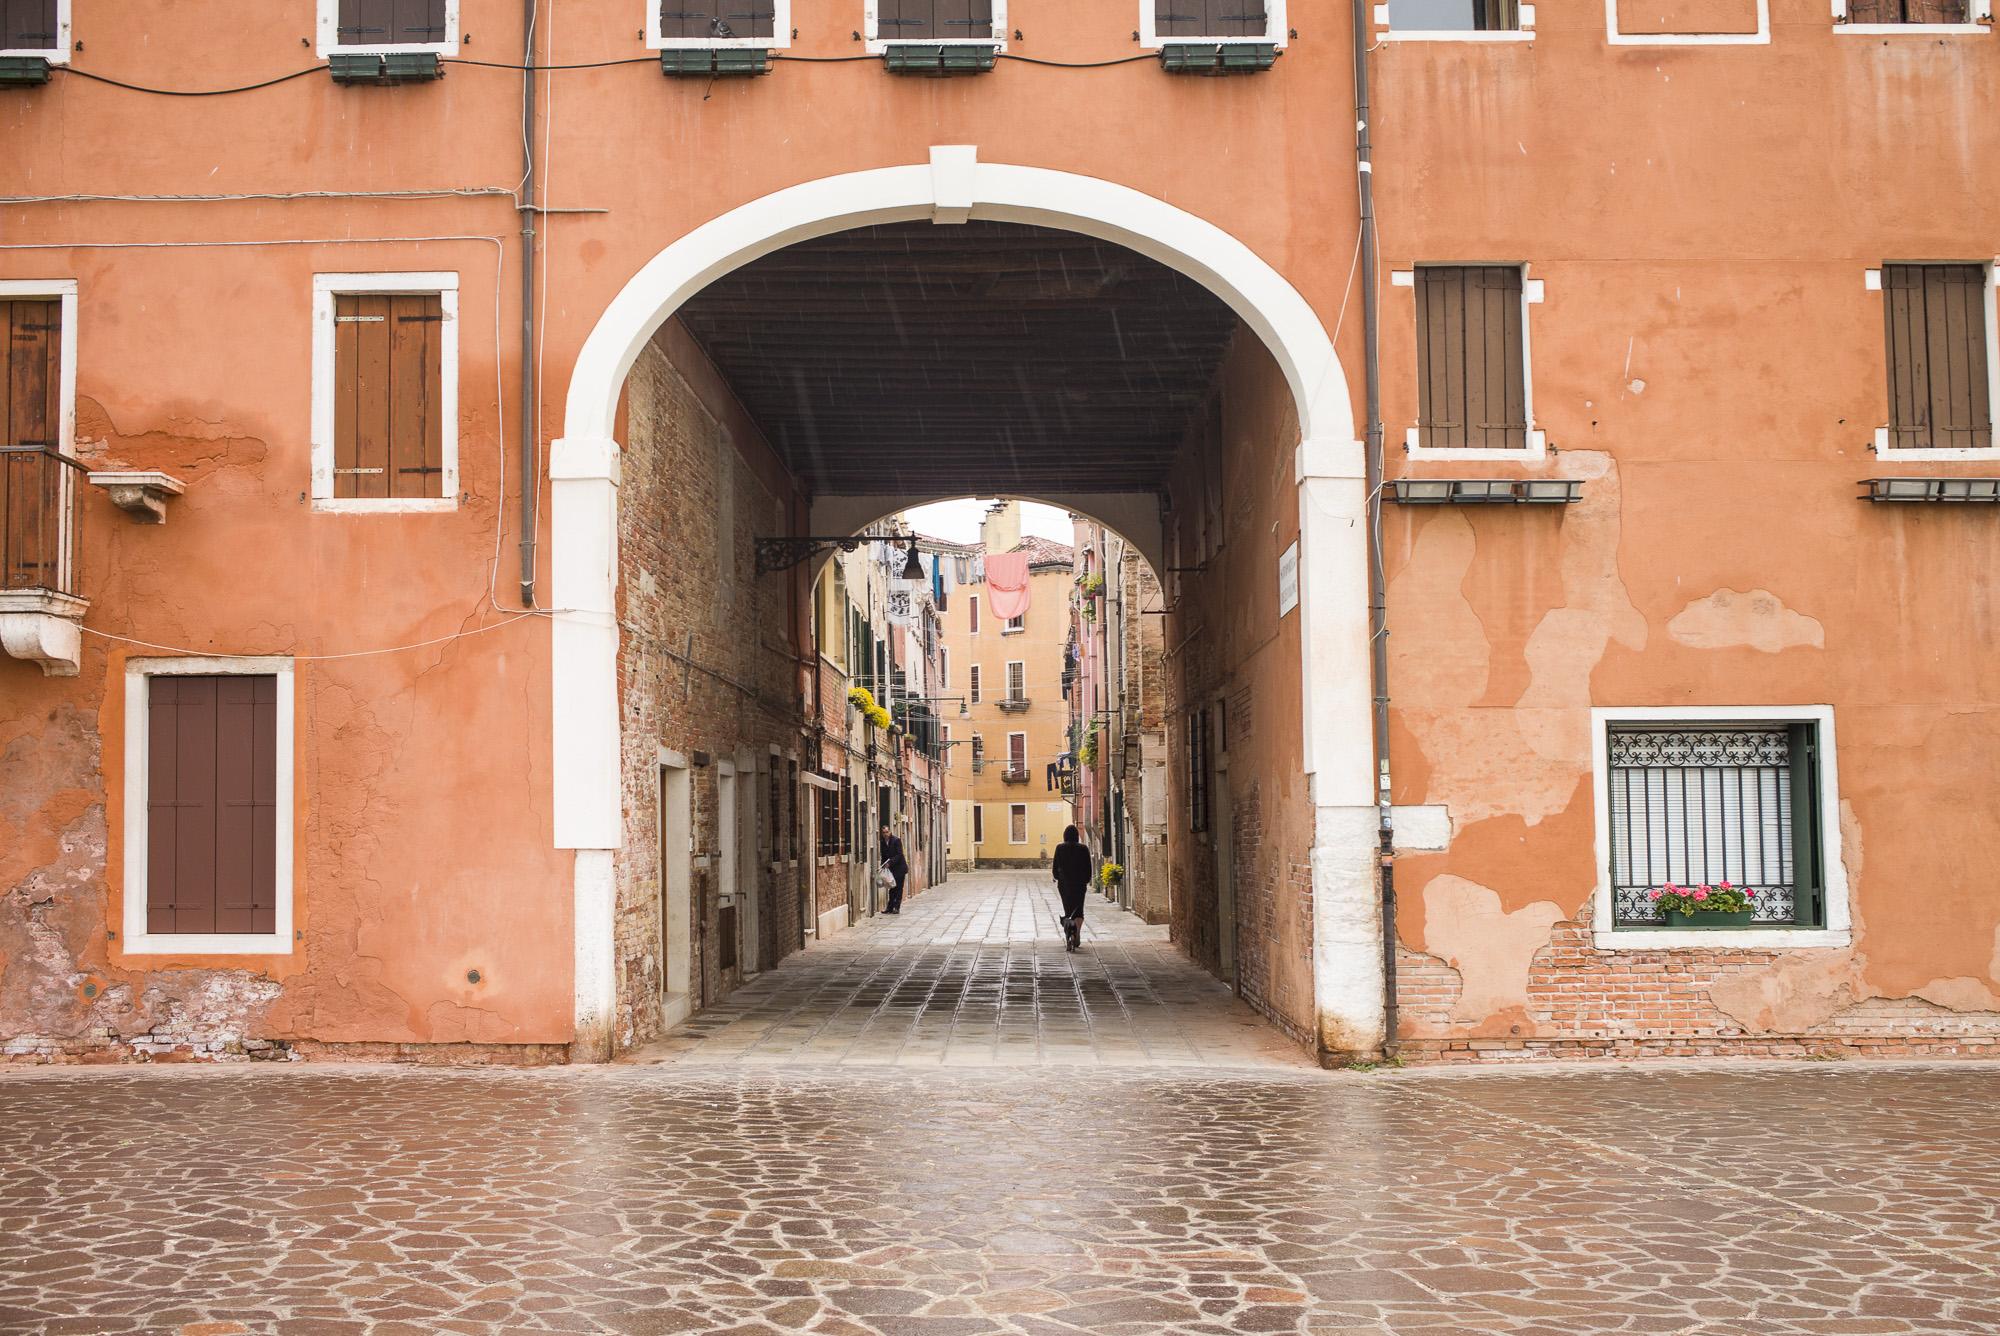 Arch in Venice